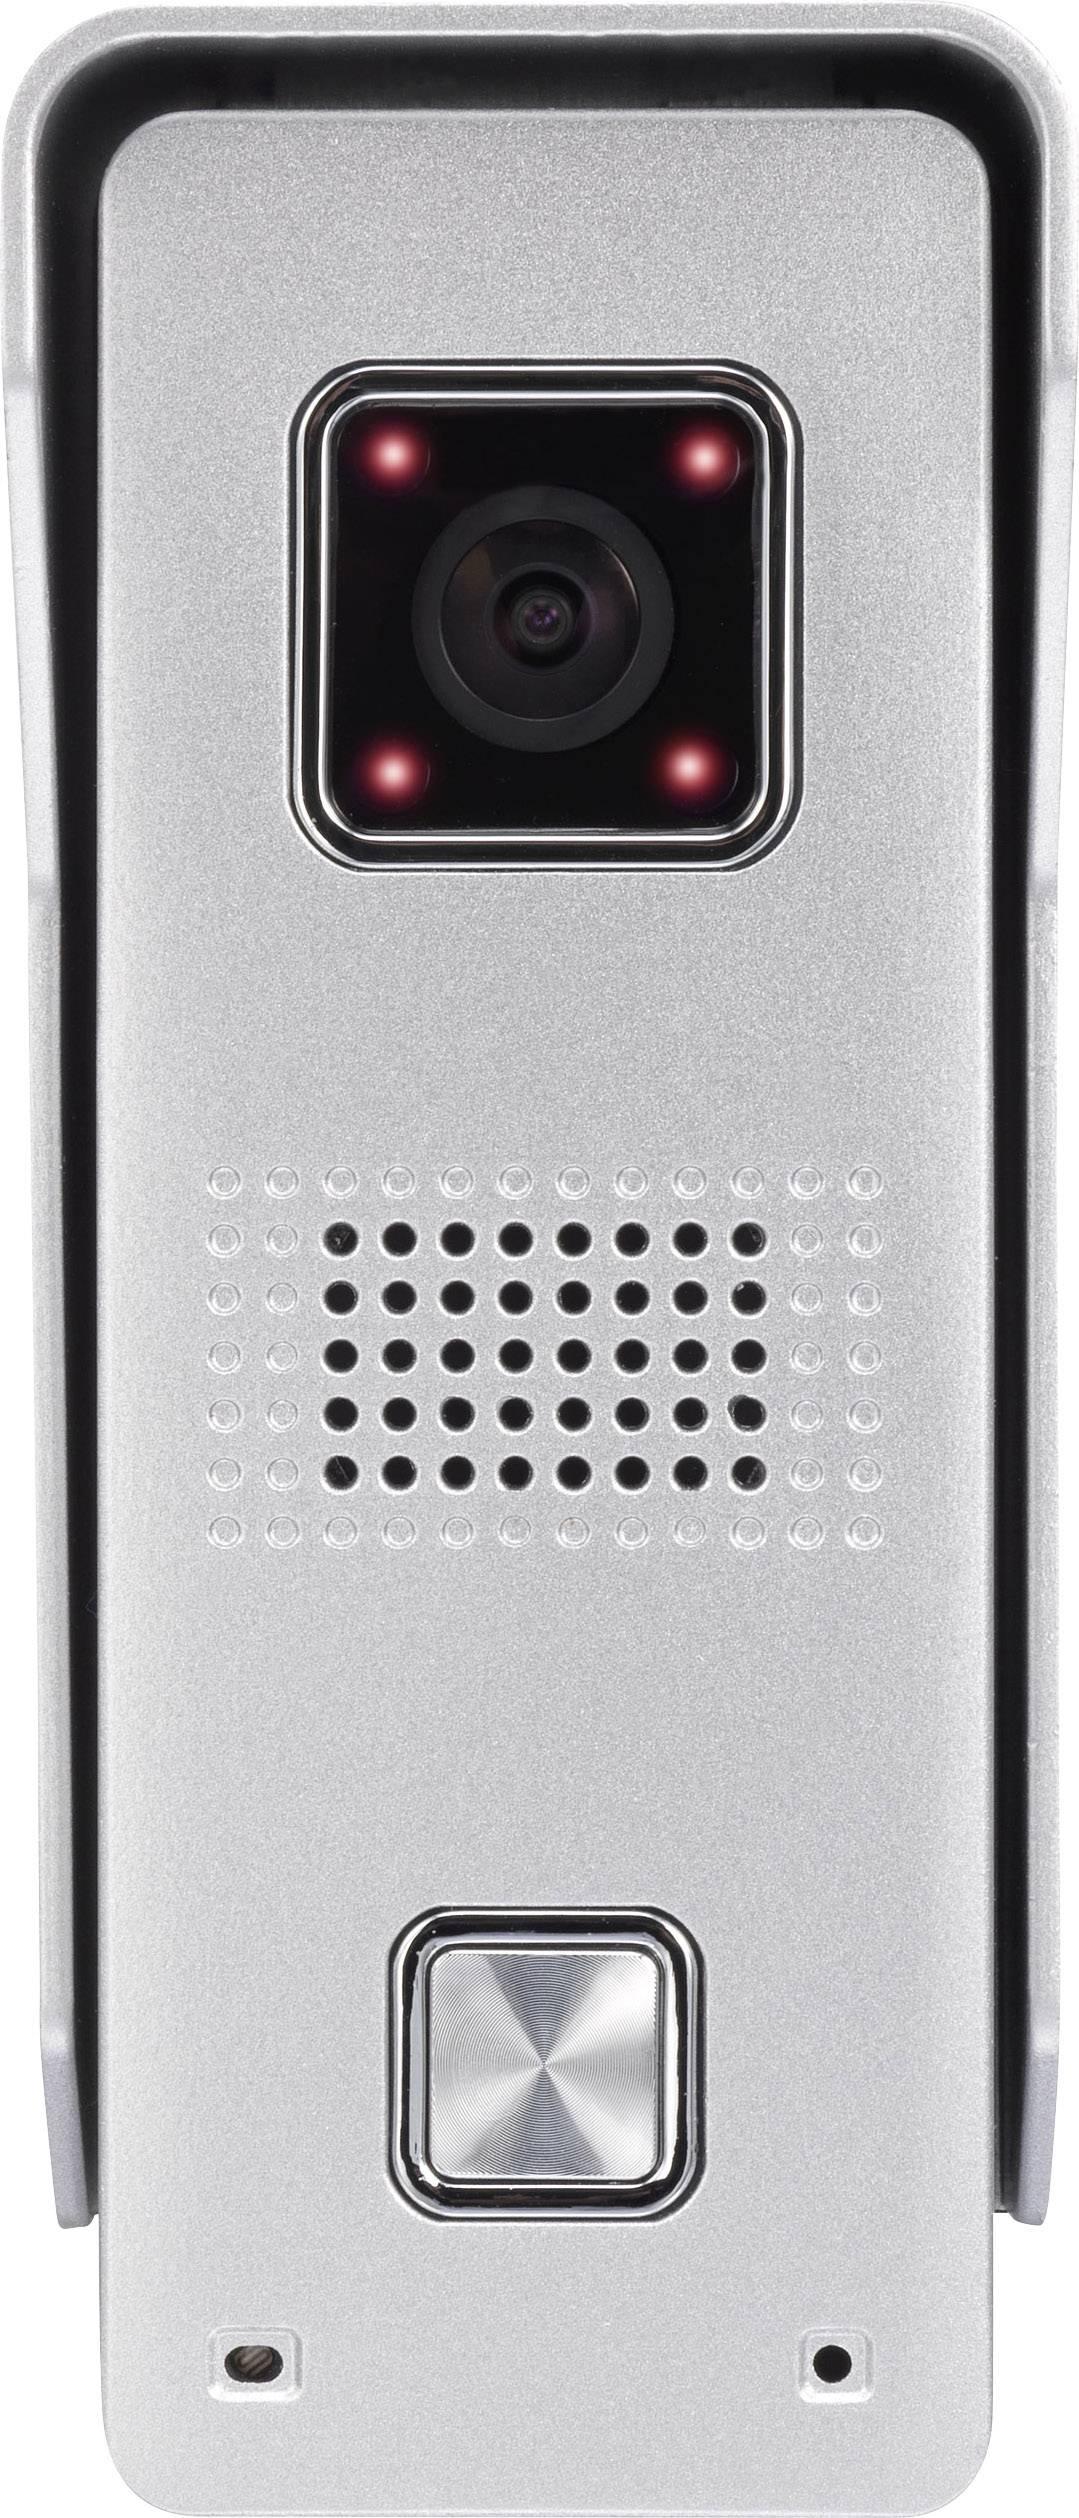 IP-video dverový telefón vonkajšia jednotka Basetech WiFi pre 1 domácnosť, strieborná